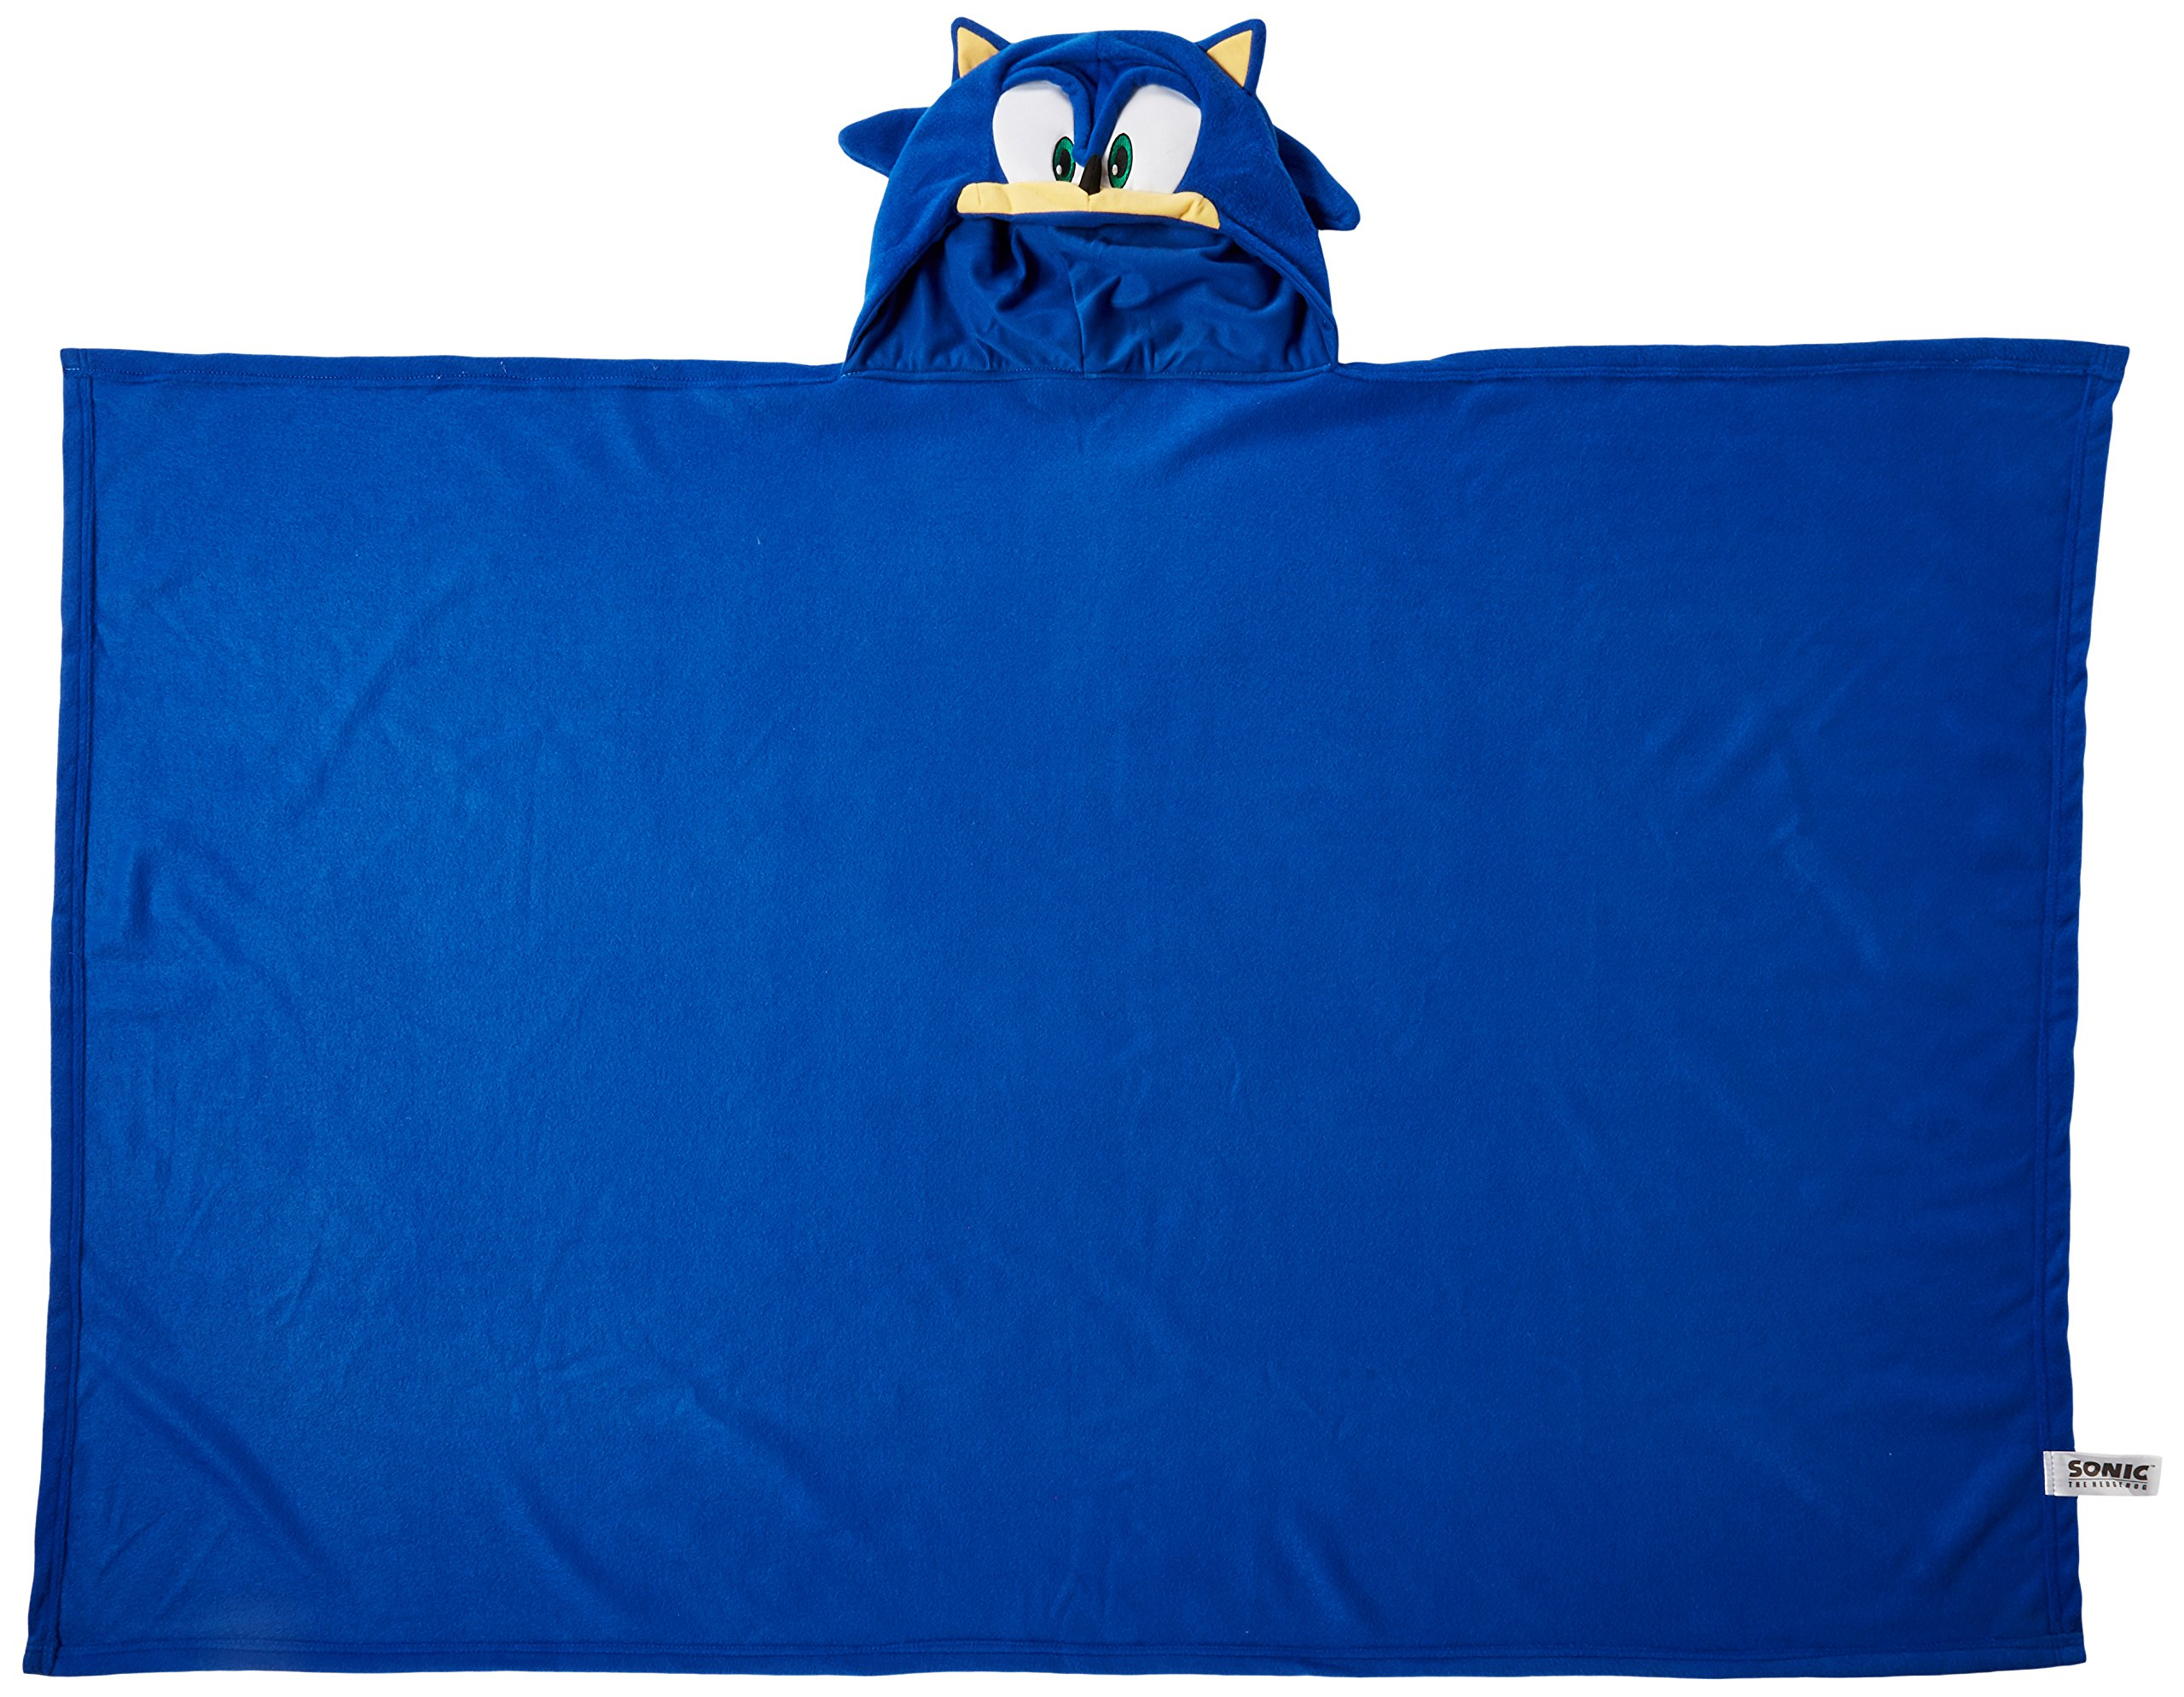 Great Eastern Sonic The Hedgehog GE-34020 Sonic Head Hoodie Blanket 57'' x 41'' by Great Eastern (Image #3)